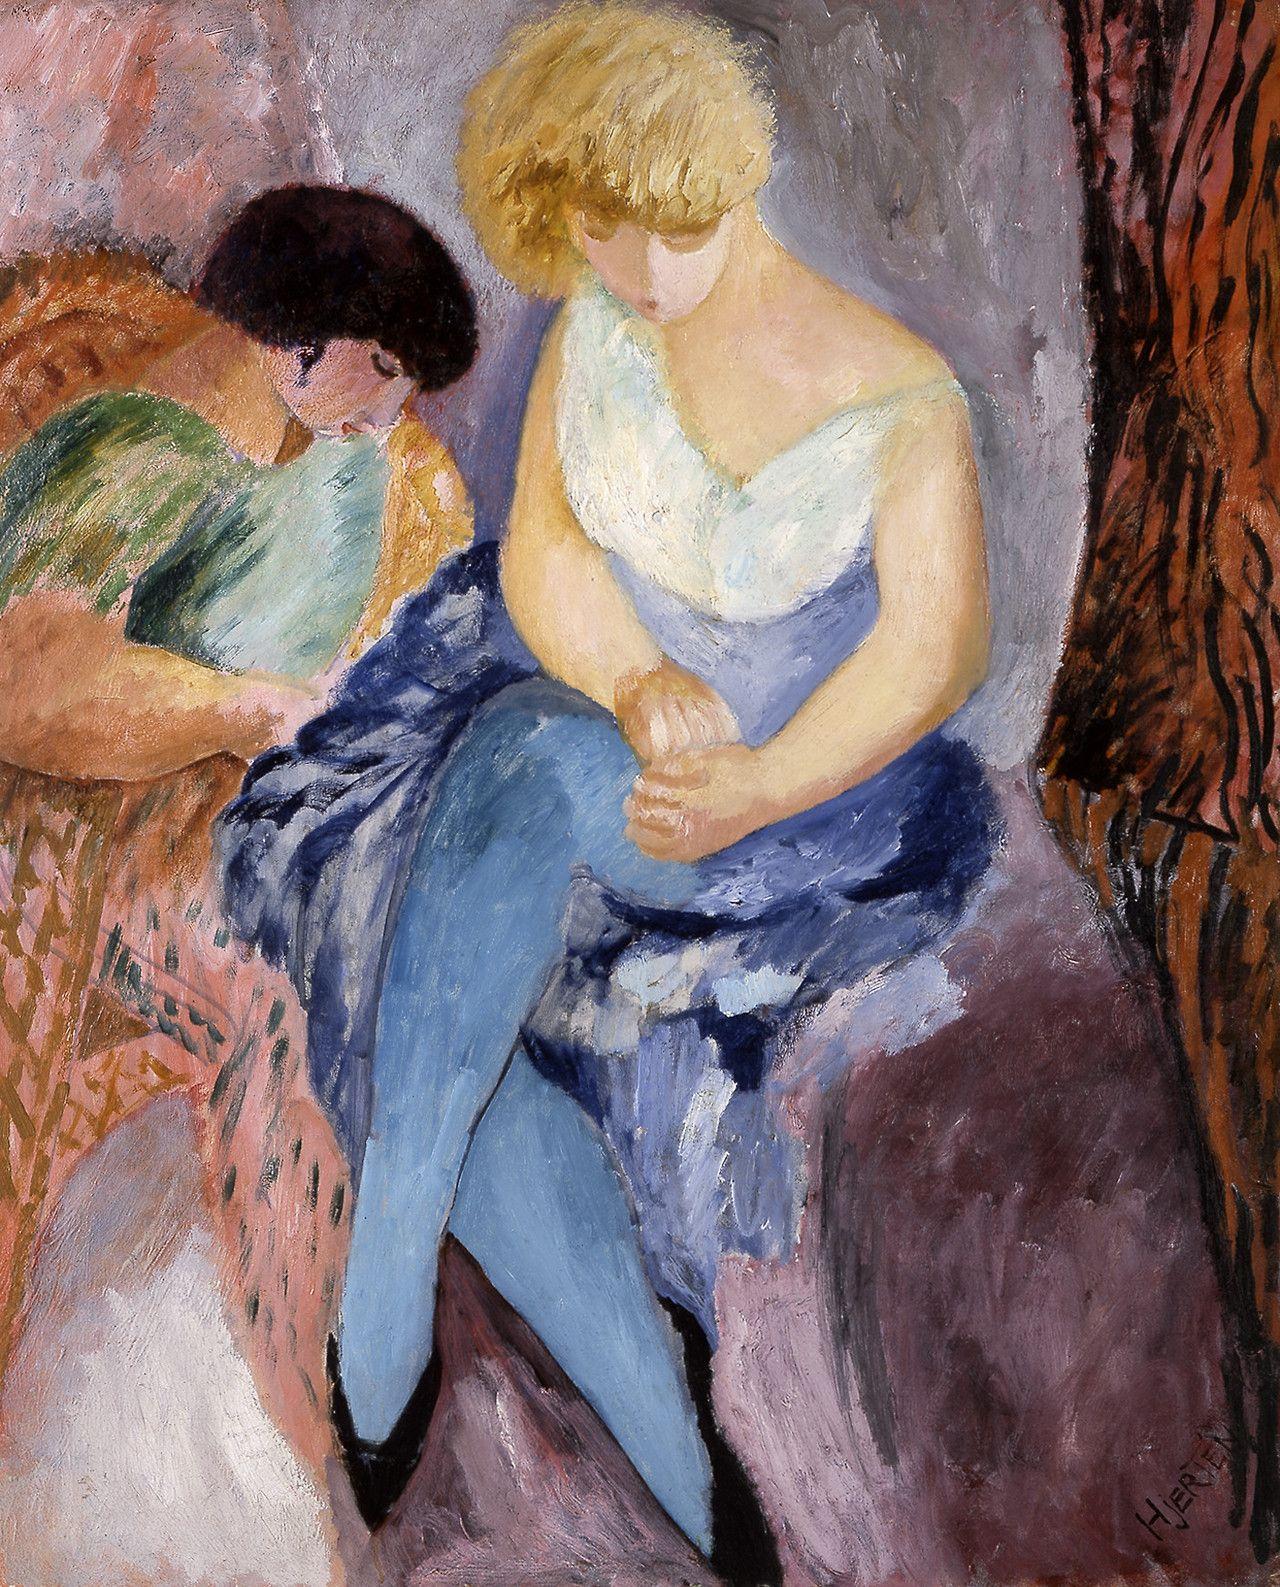 """huariqueje:  """"  Brunette and Blonde - Sigrid Hjertén , 1912  Swedish,1885-1948  Oil on canvas, 100 cm (39.37 in.) x 81 cm (31.89 in.)  """""""